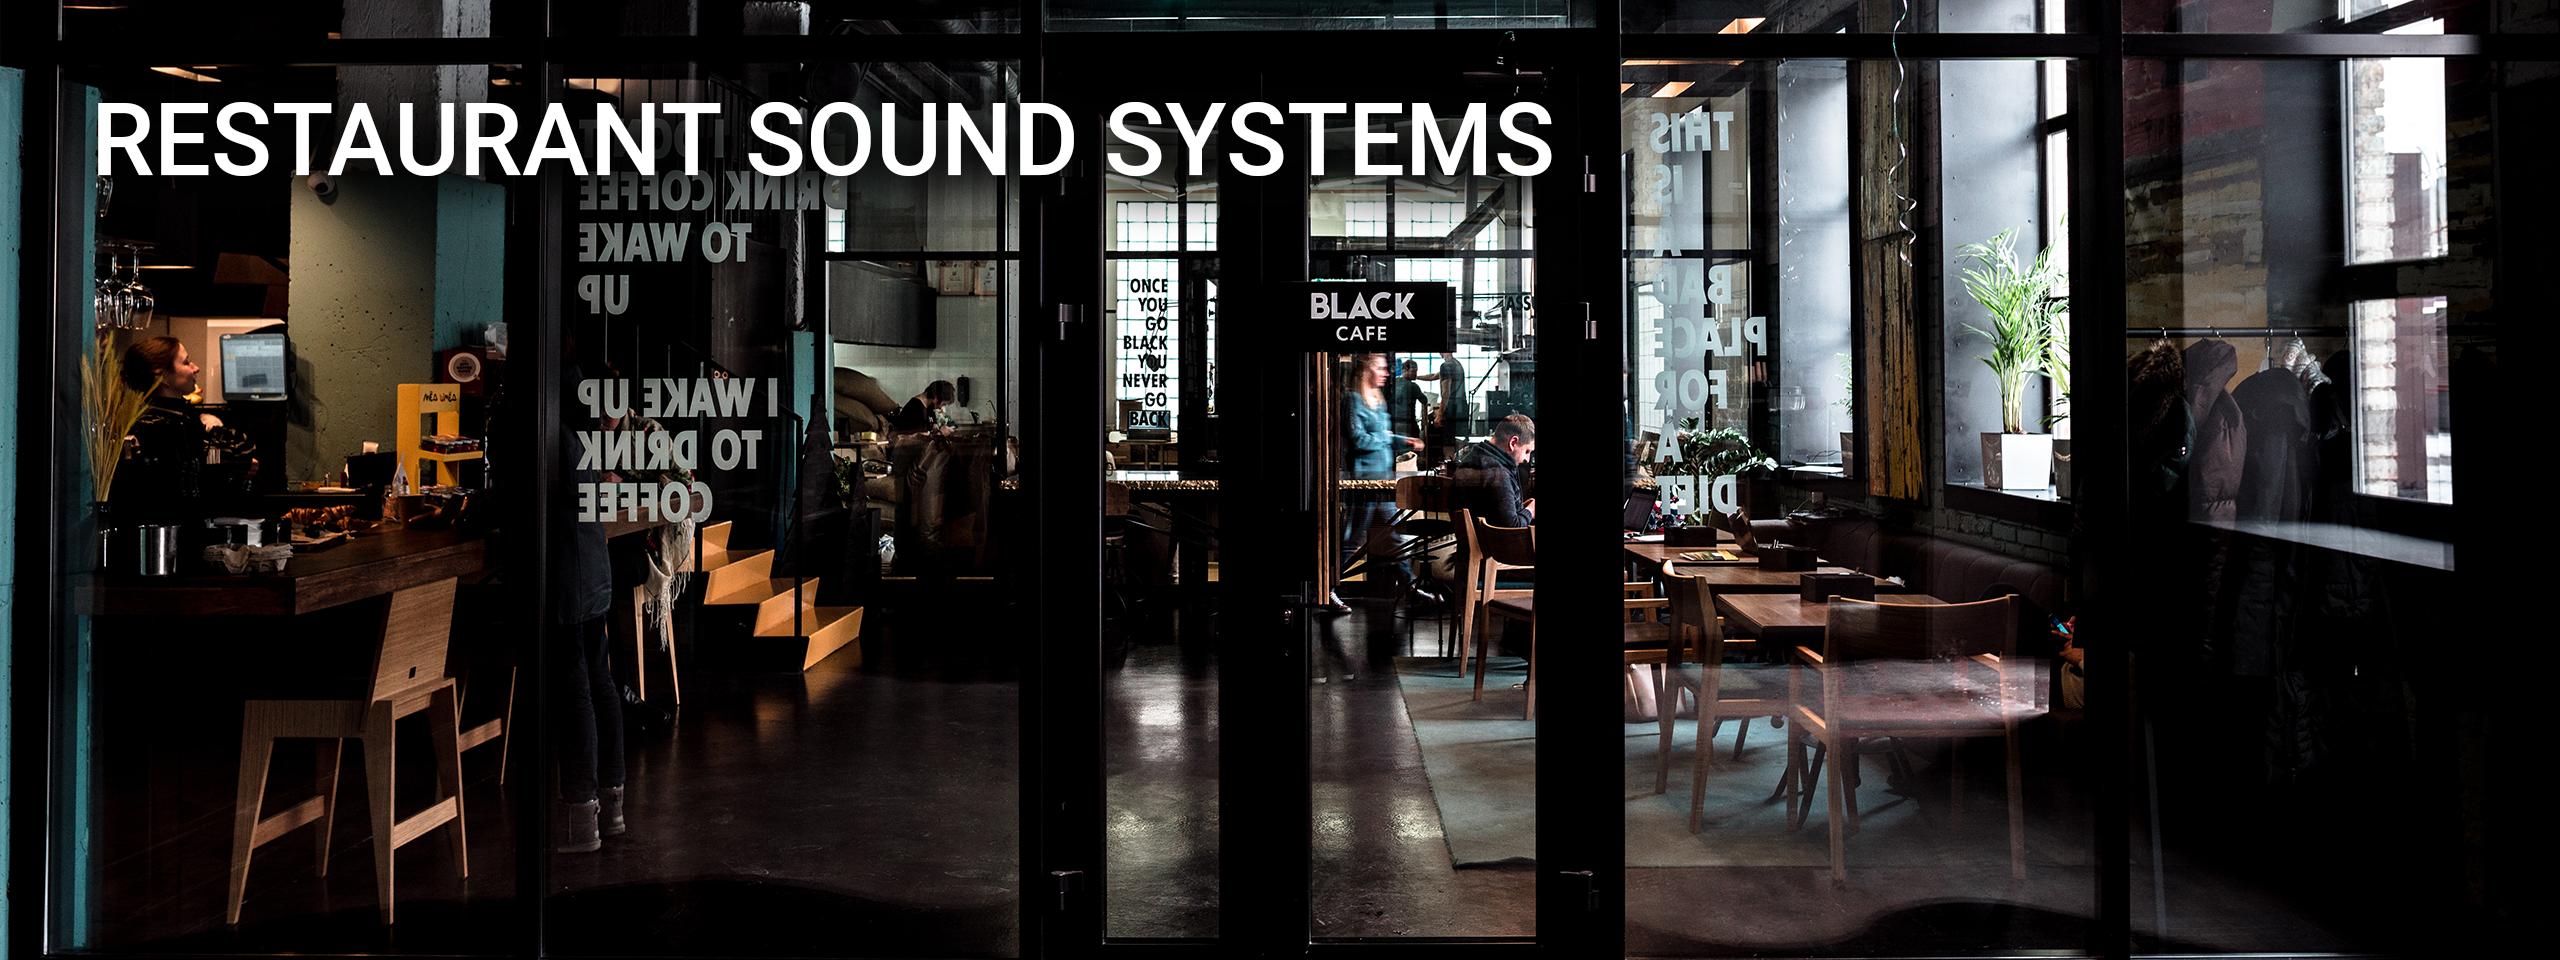 Restaurant Sound Systems